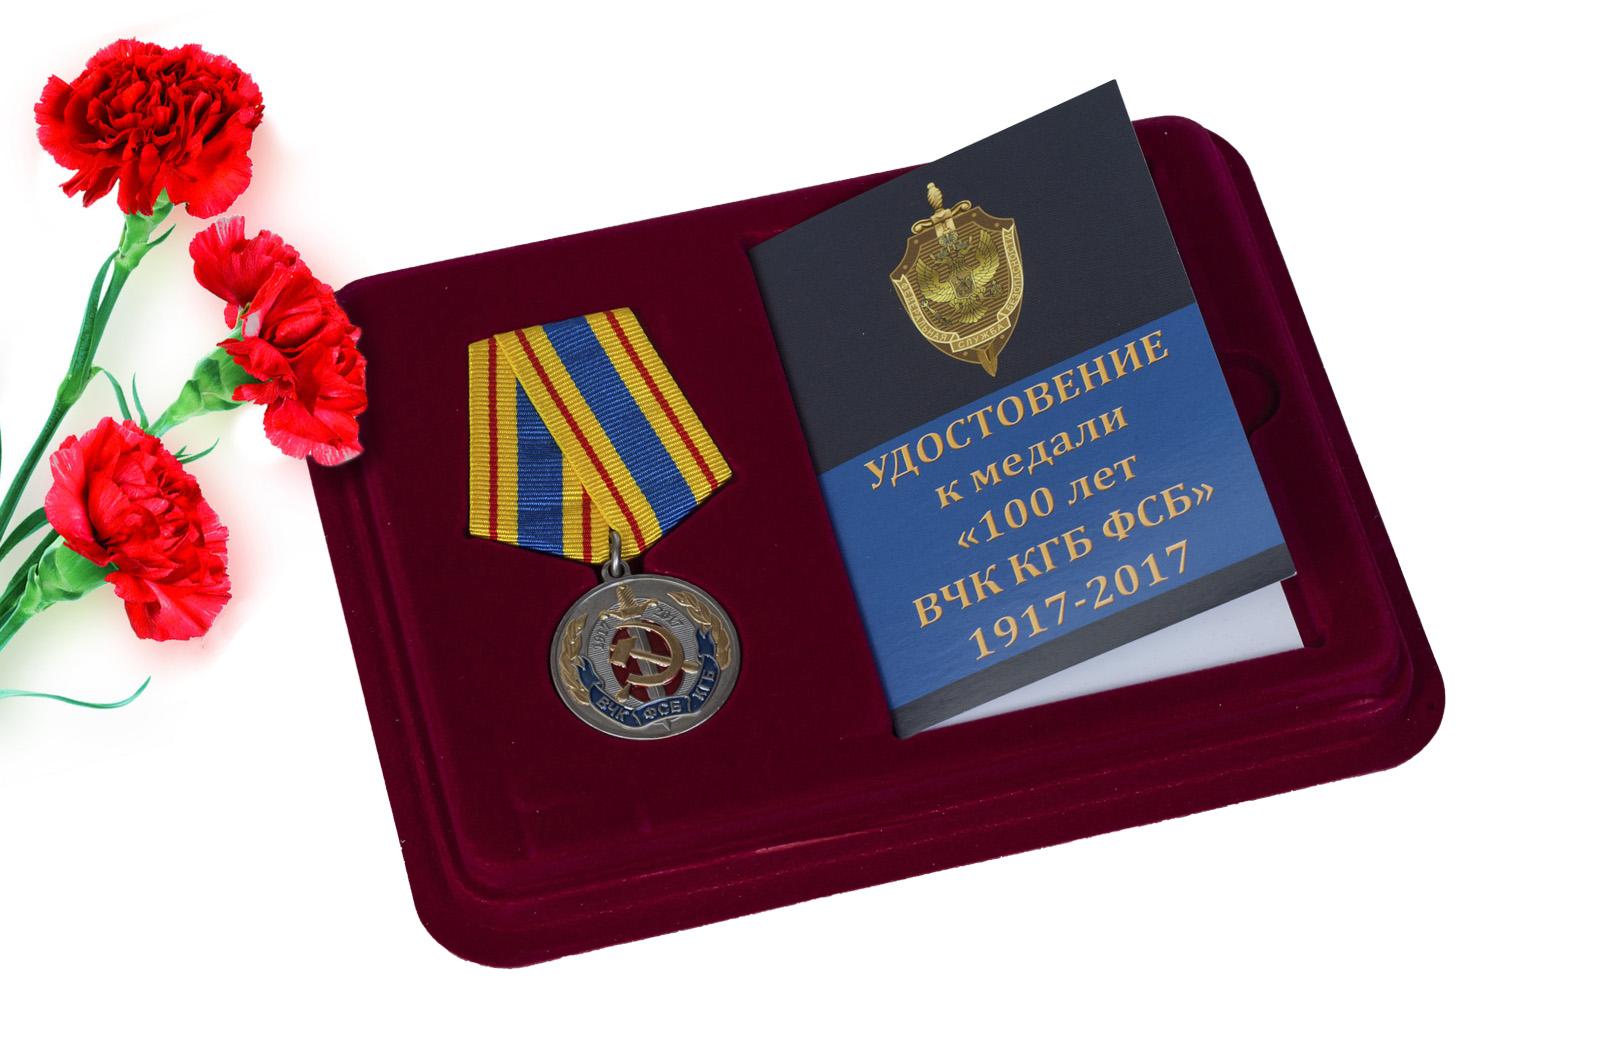 Купить медаль 100 лет ВЧК-КГБ-ФСБ по специальной цене